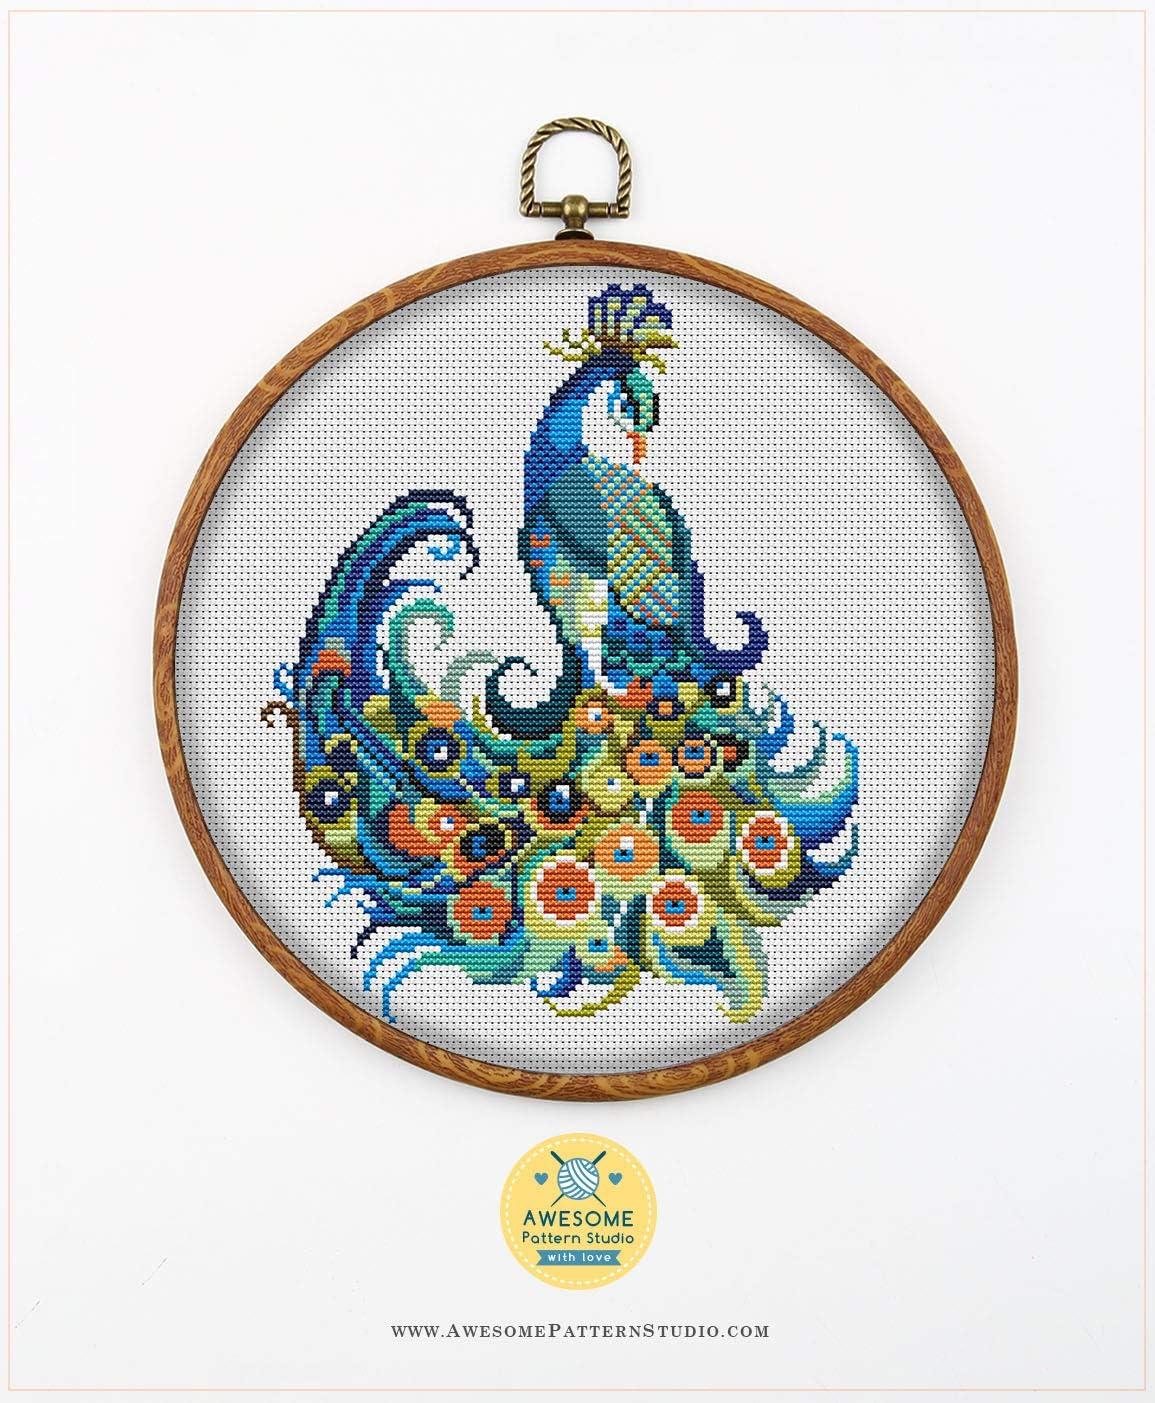 Stitch Design Embroidery Stitches Stitching Funny Animals Cross Stitch Designs Mandala Panda #K201 Embroidery Cross Stitch Kit Embroidery Kits